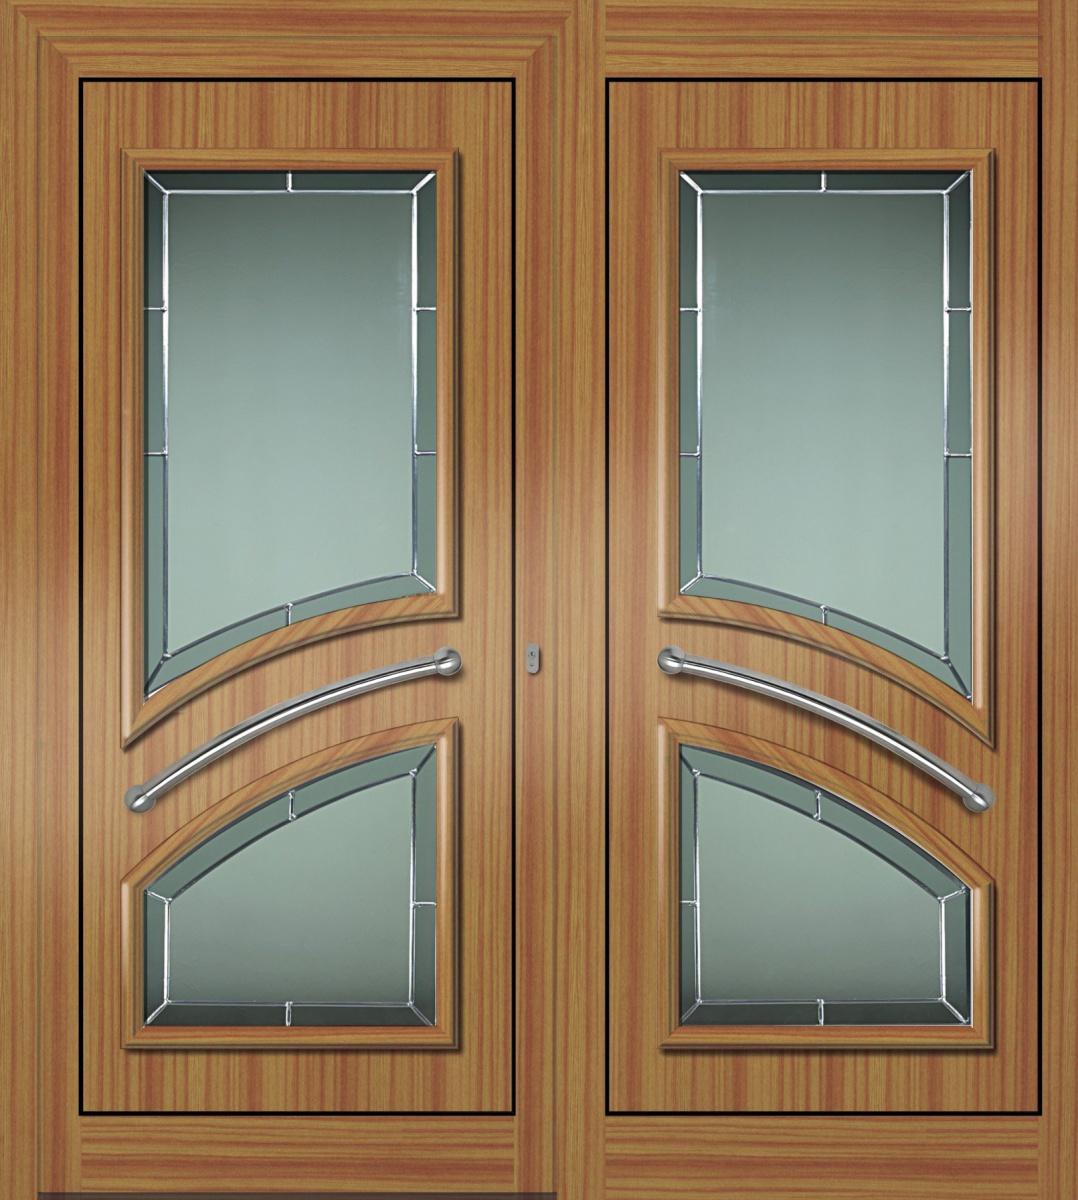 portes d 39 entr e mod les panneaux classiques trendel fabriquants de fen tres pvc. Black Bedroom Furniture Sets. Home Design Ideas